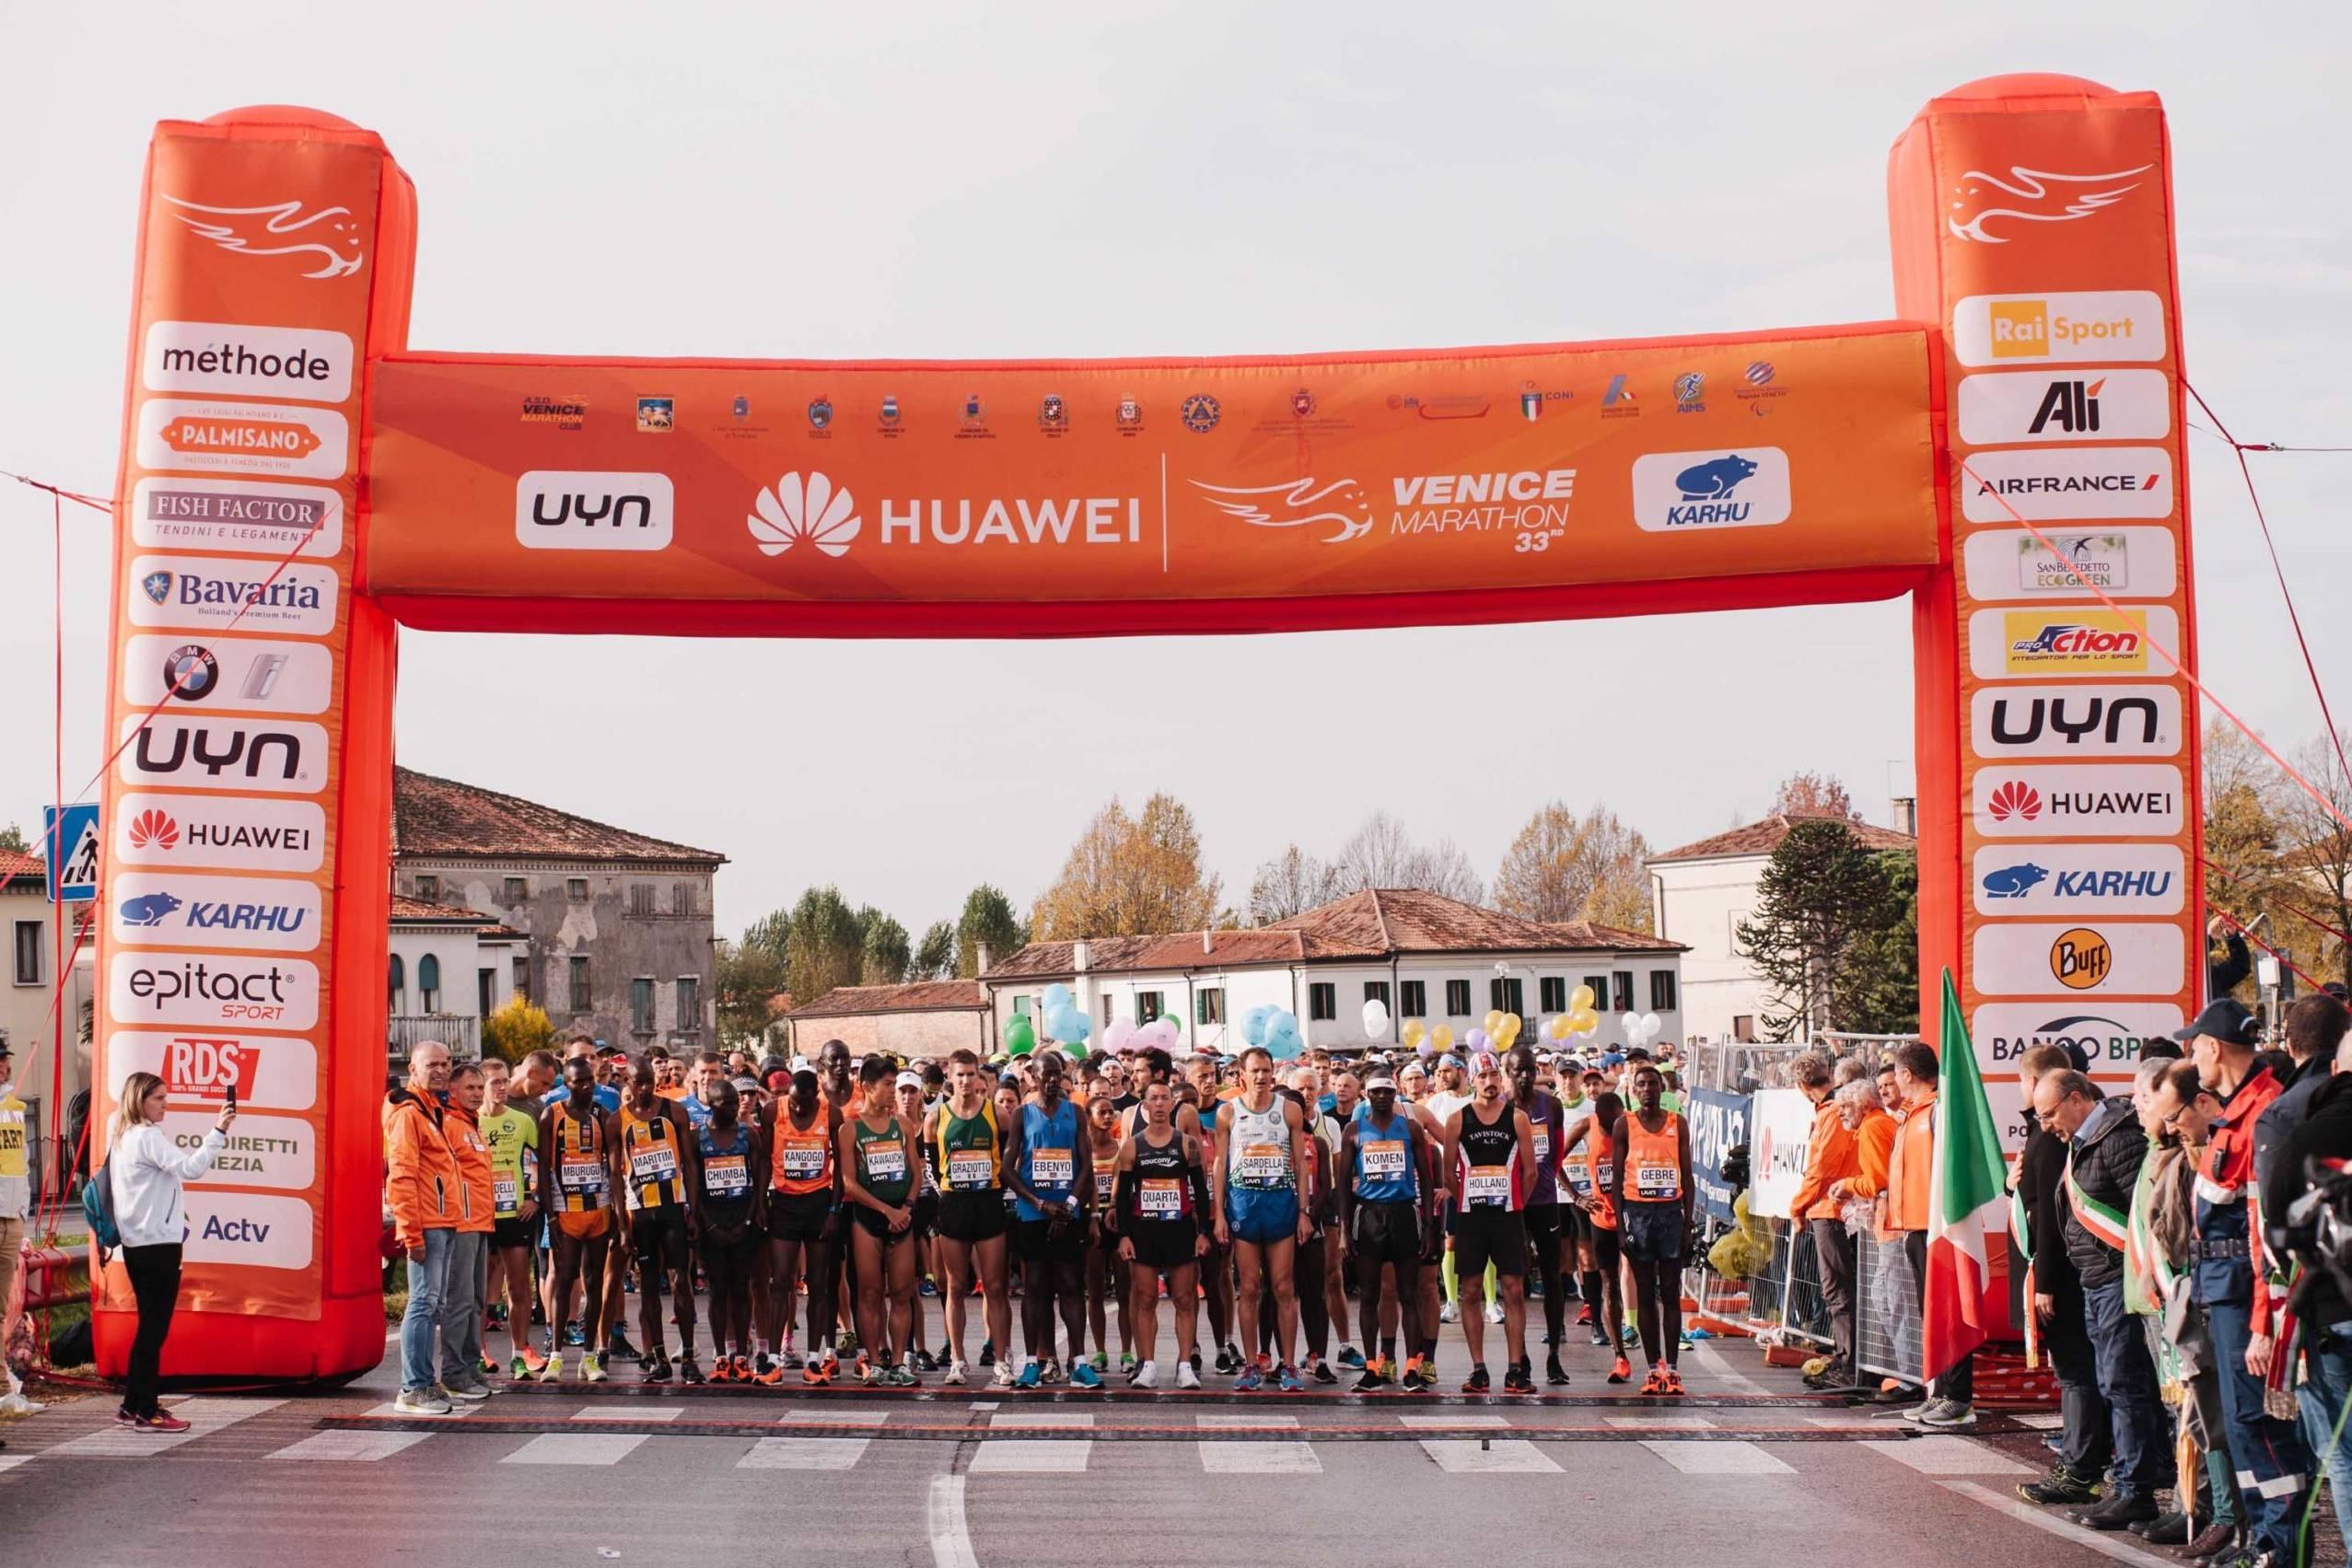 Huawei marathons